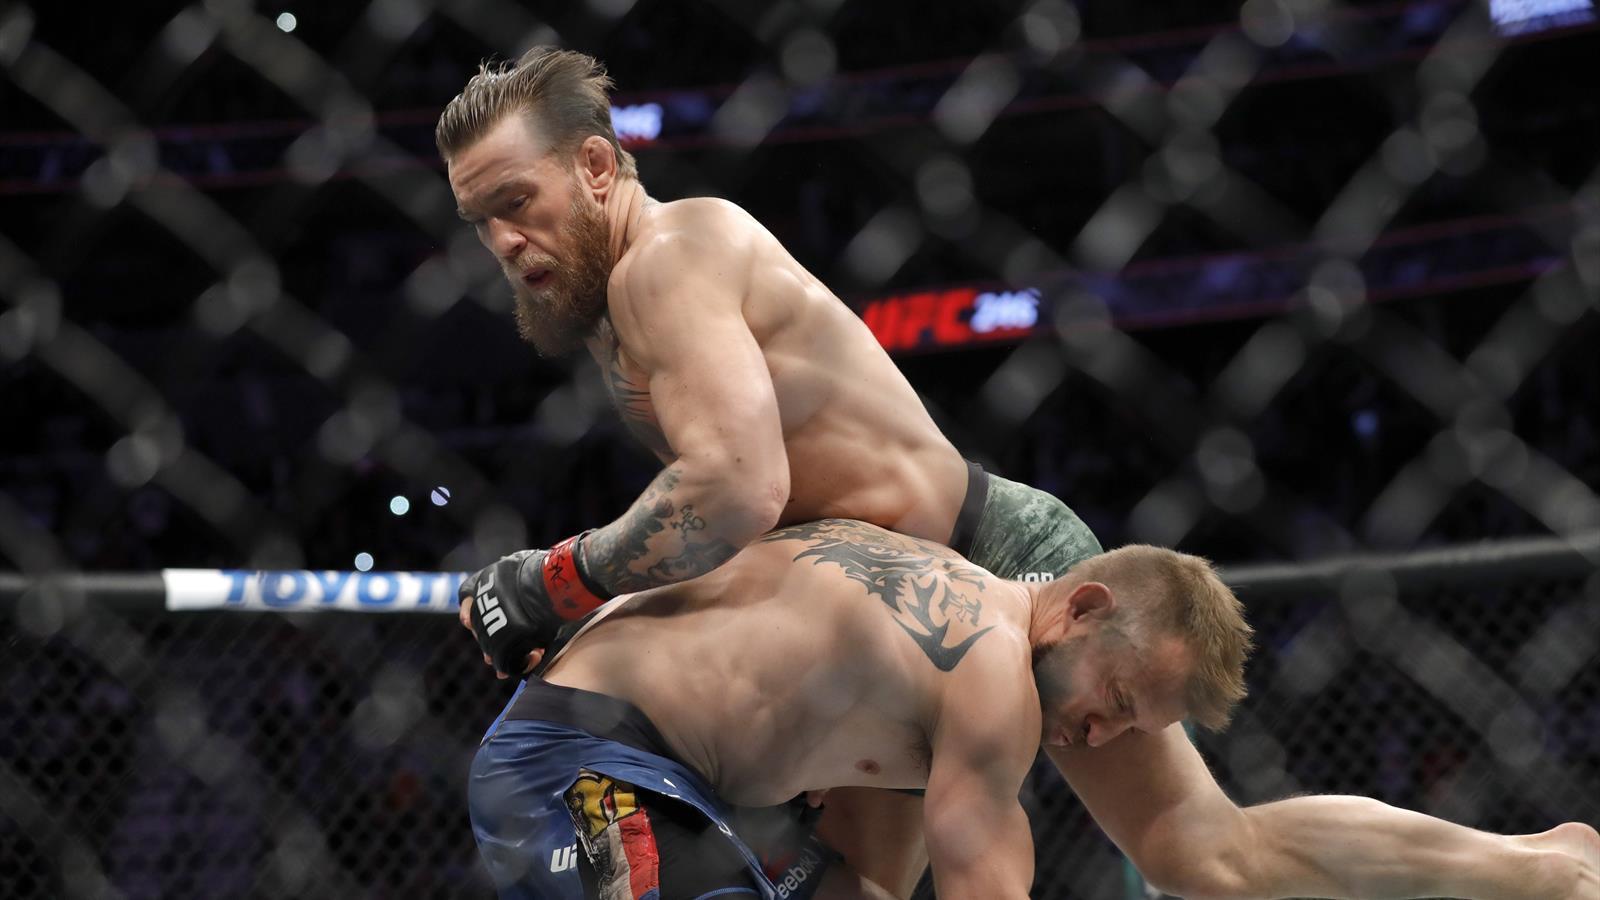 UFC выложил бой Конора против Серроне в слоу-мо – челюсть падает на пол от восхищения